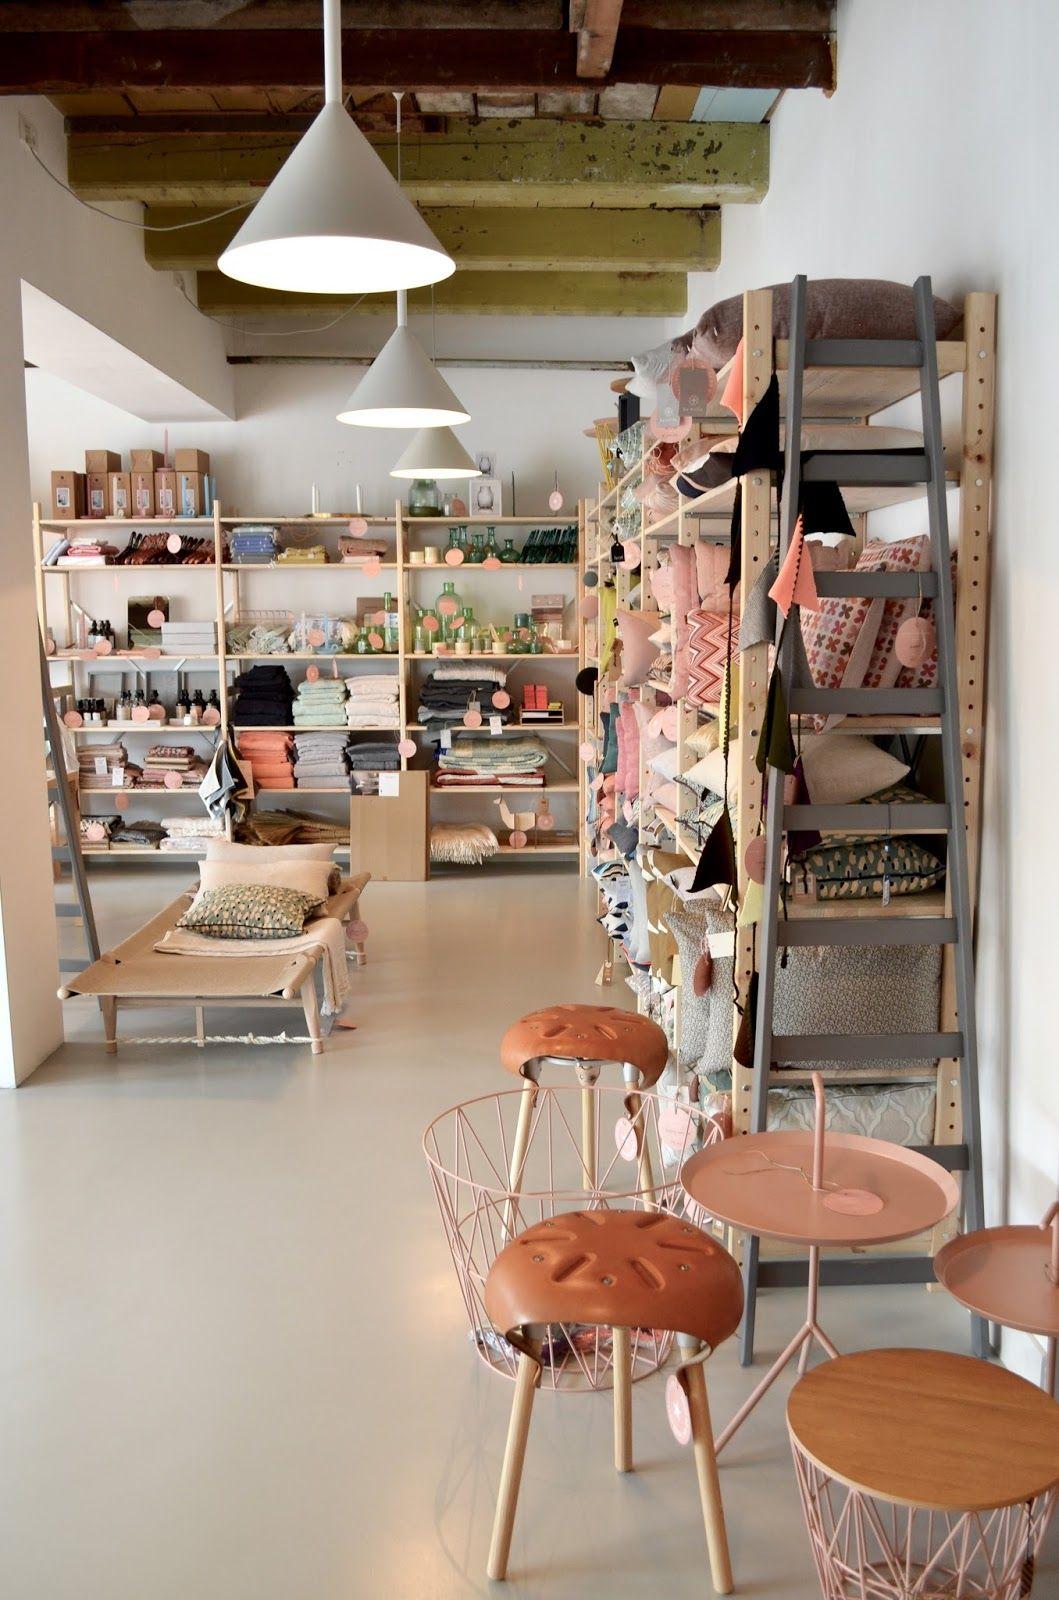 Gisteren bracht ik een bezoekje aan de prachtige winkel \'Jan de Jong ...